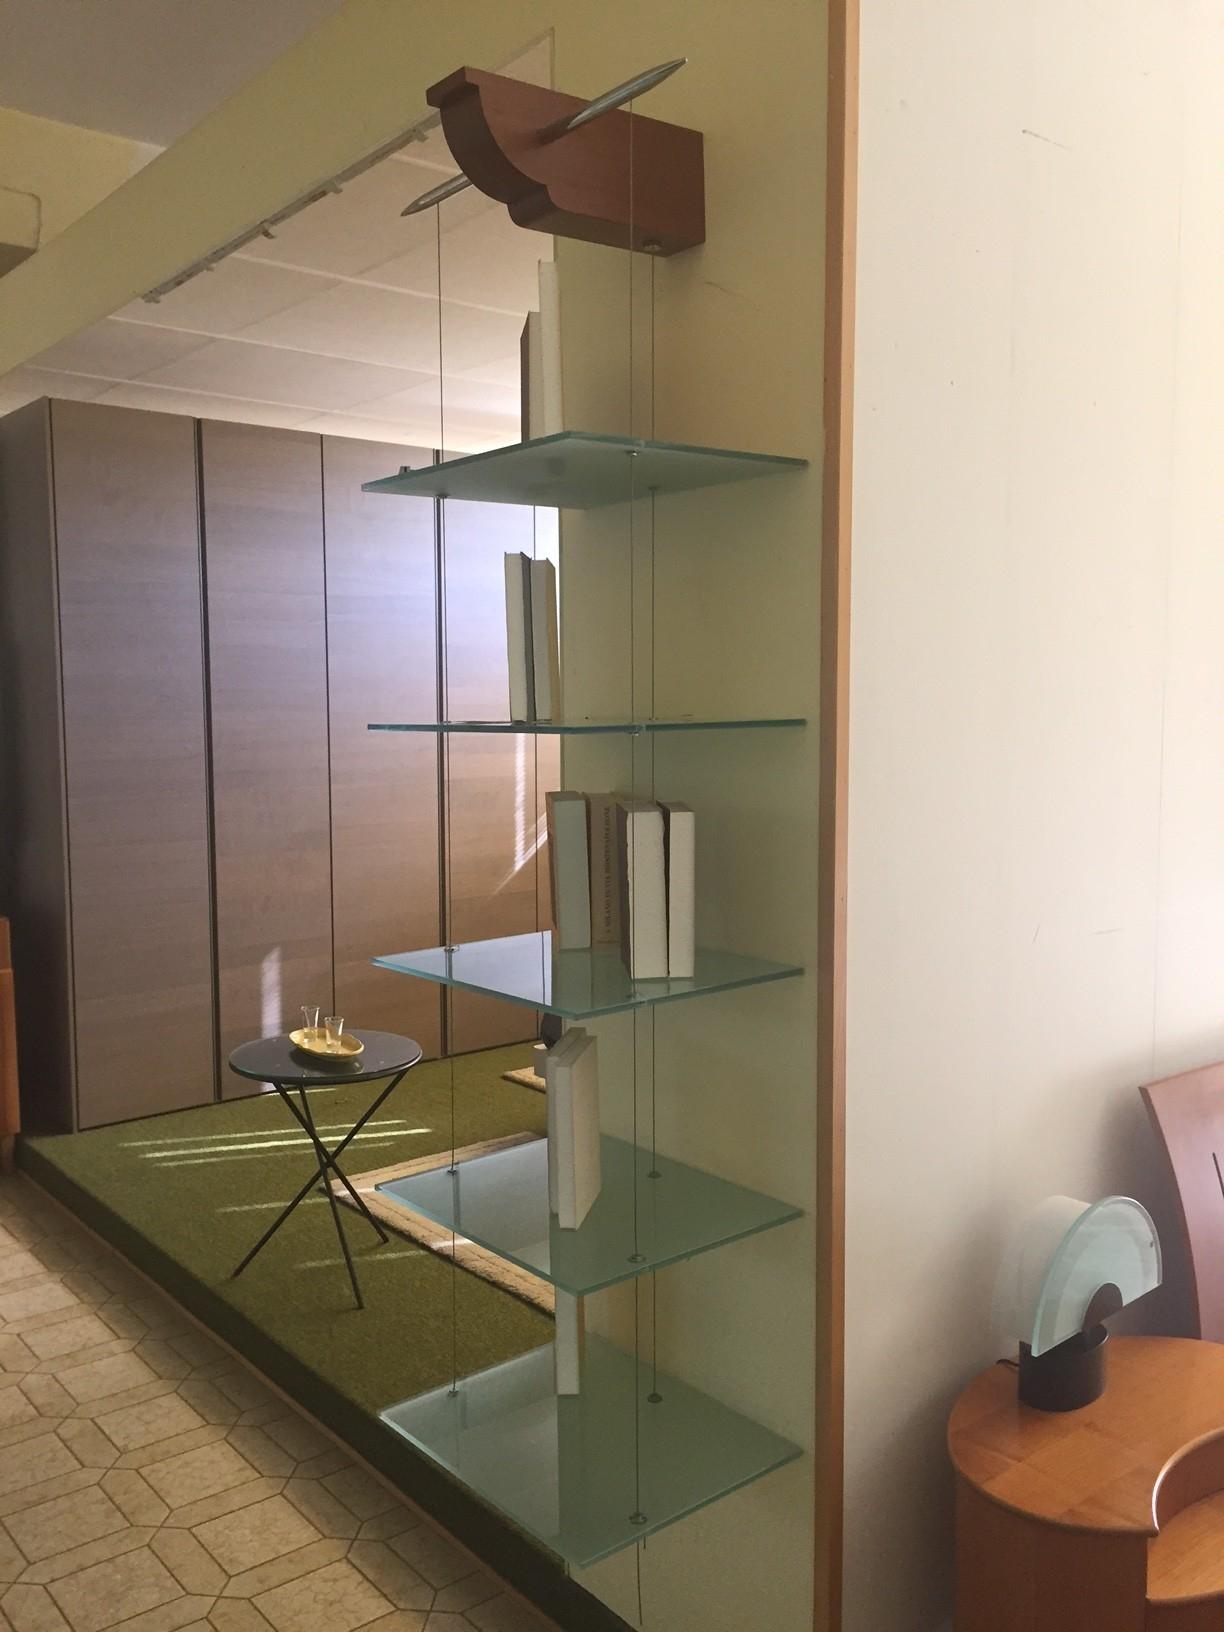 Libreria cattelan italia in vetro sospesa complementi a for Libreria acciaio e vetro